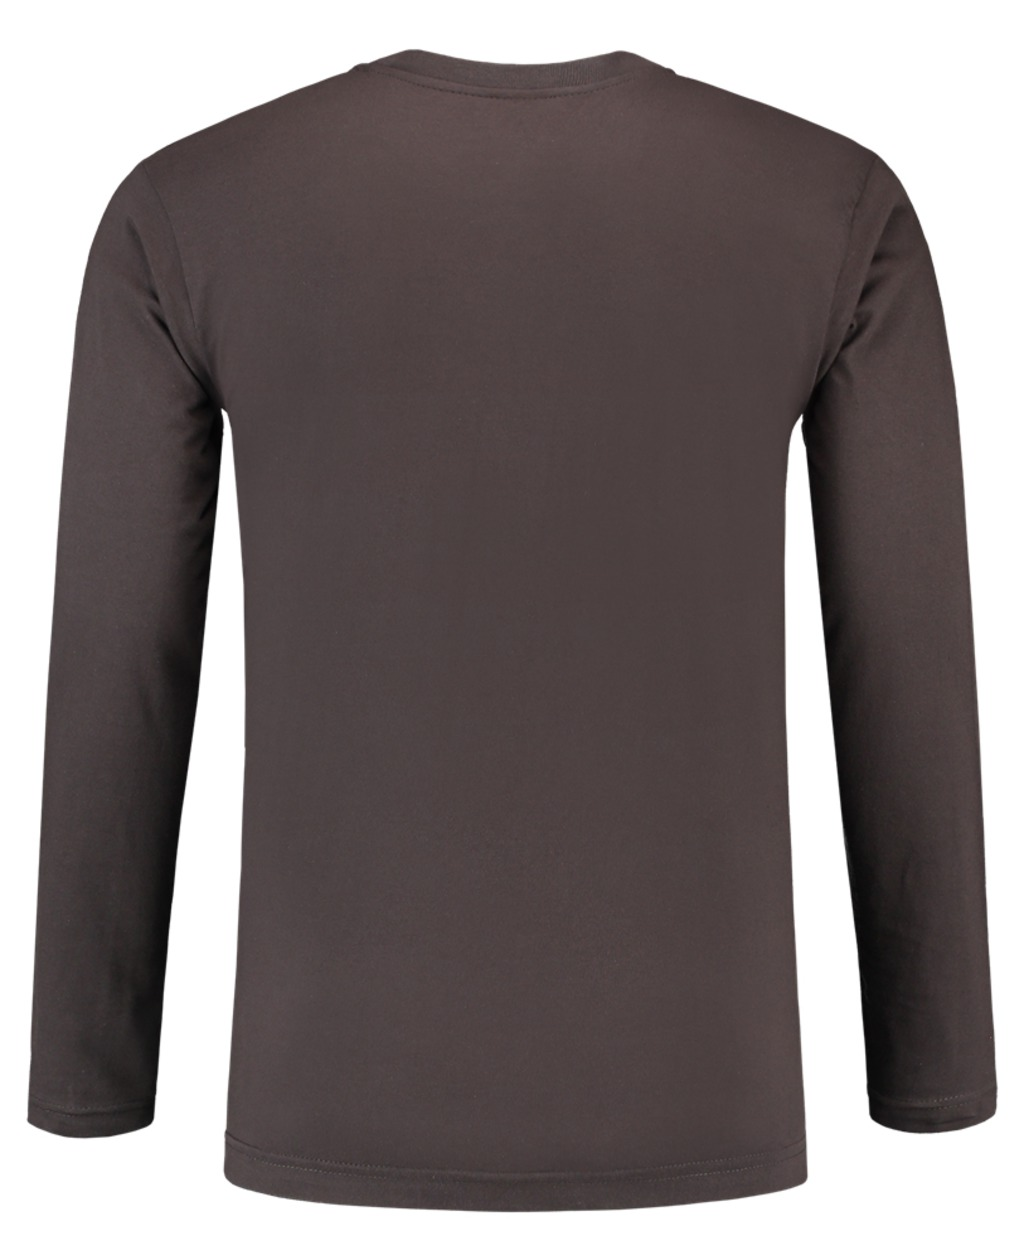 TL190 T-shirt